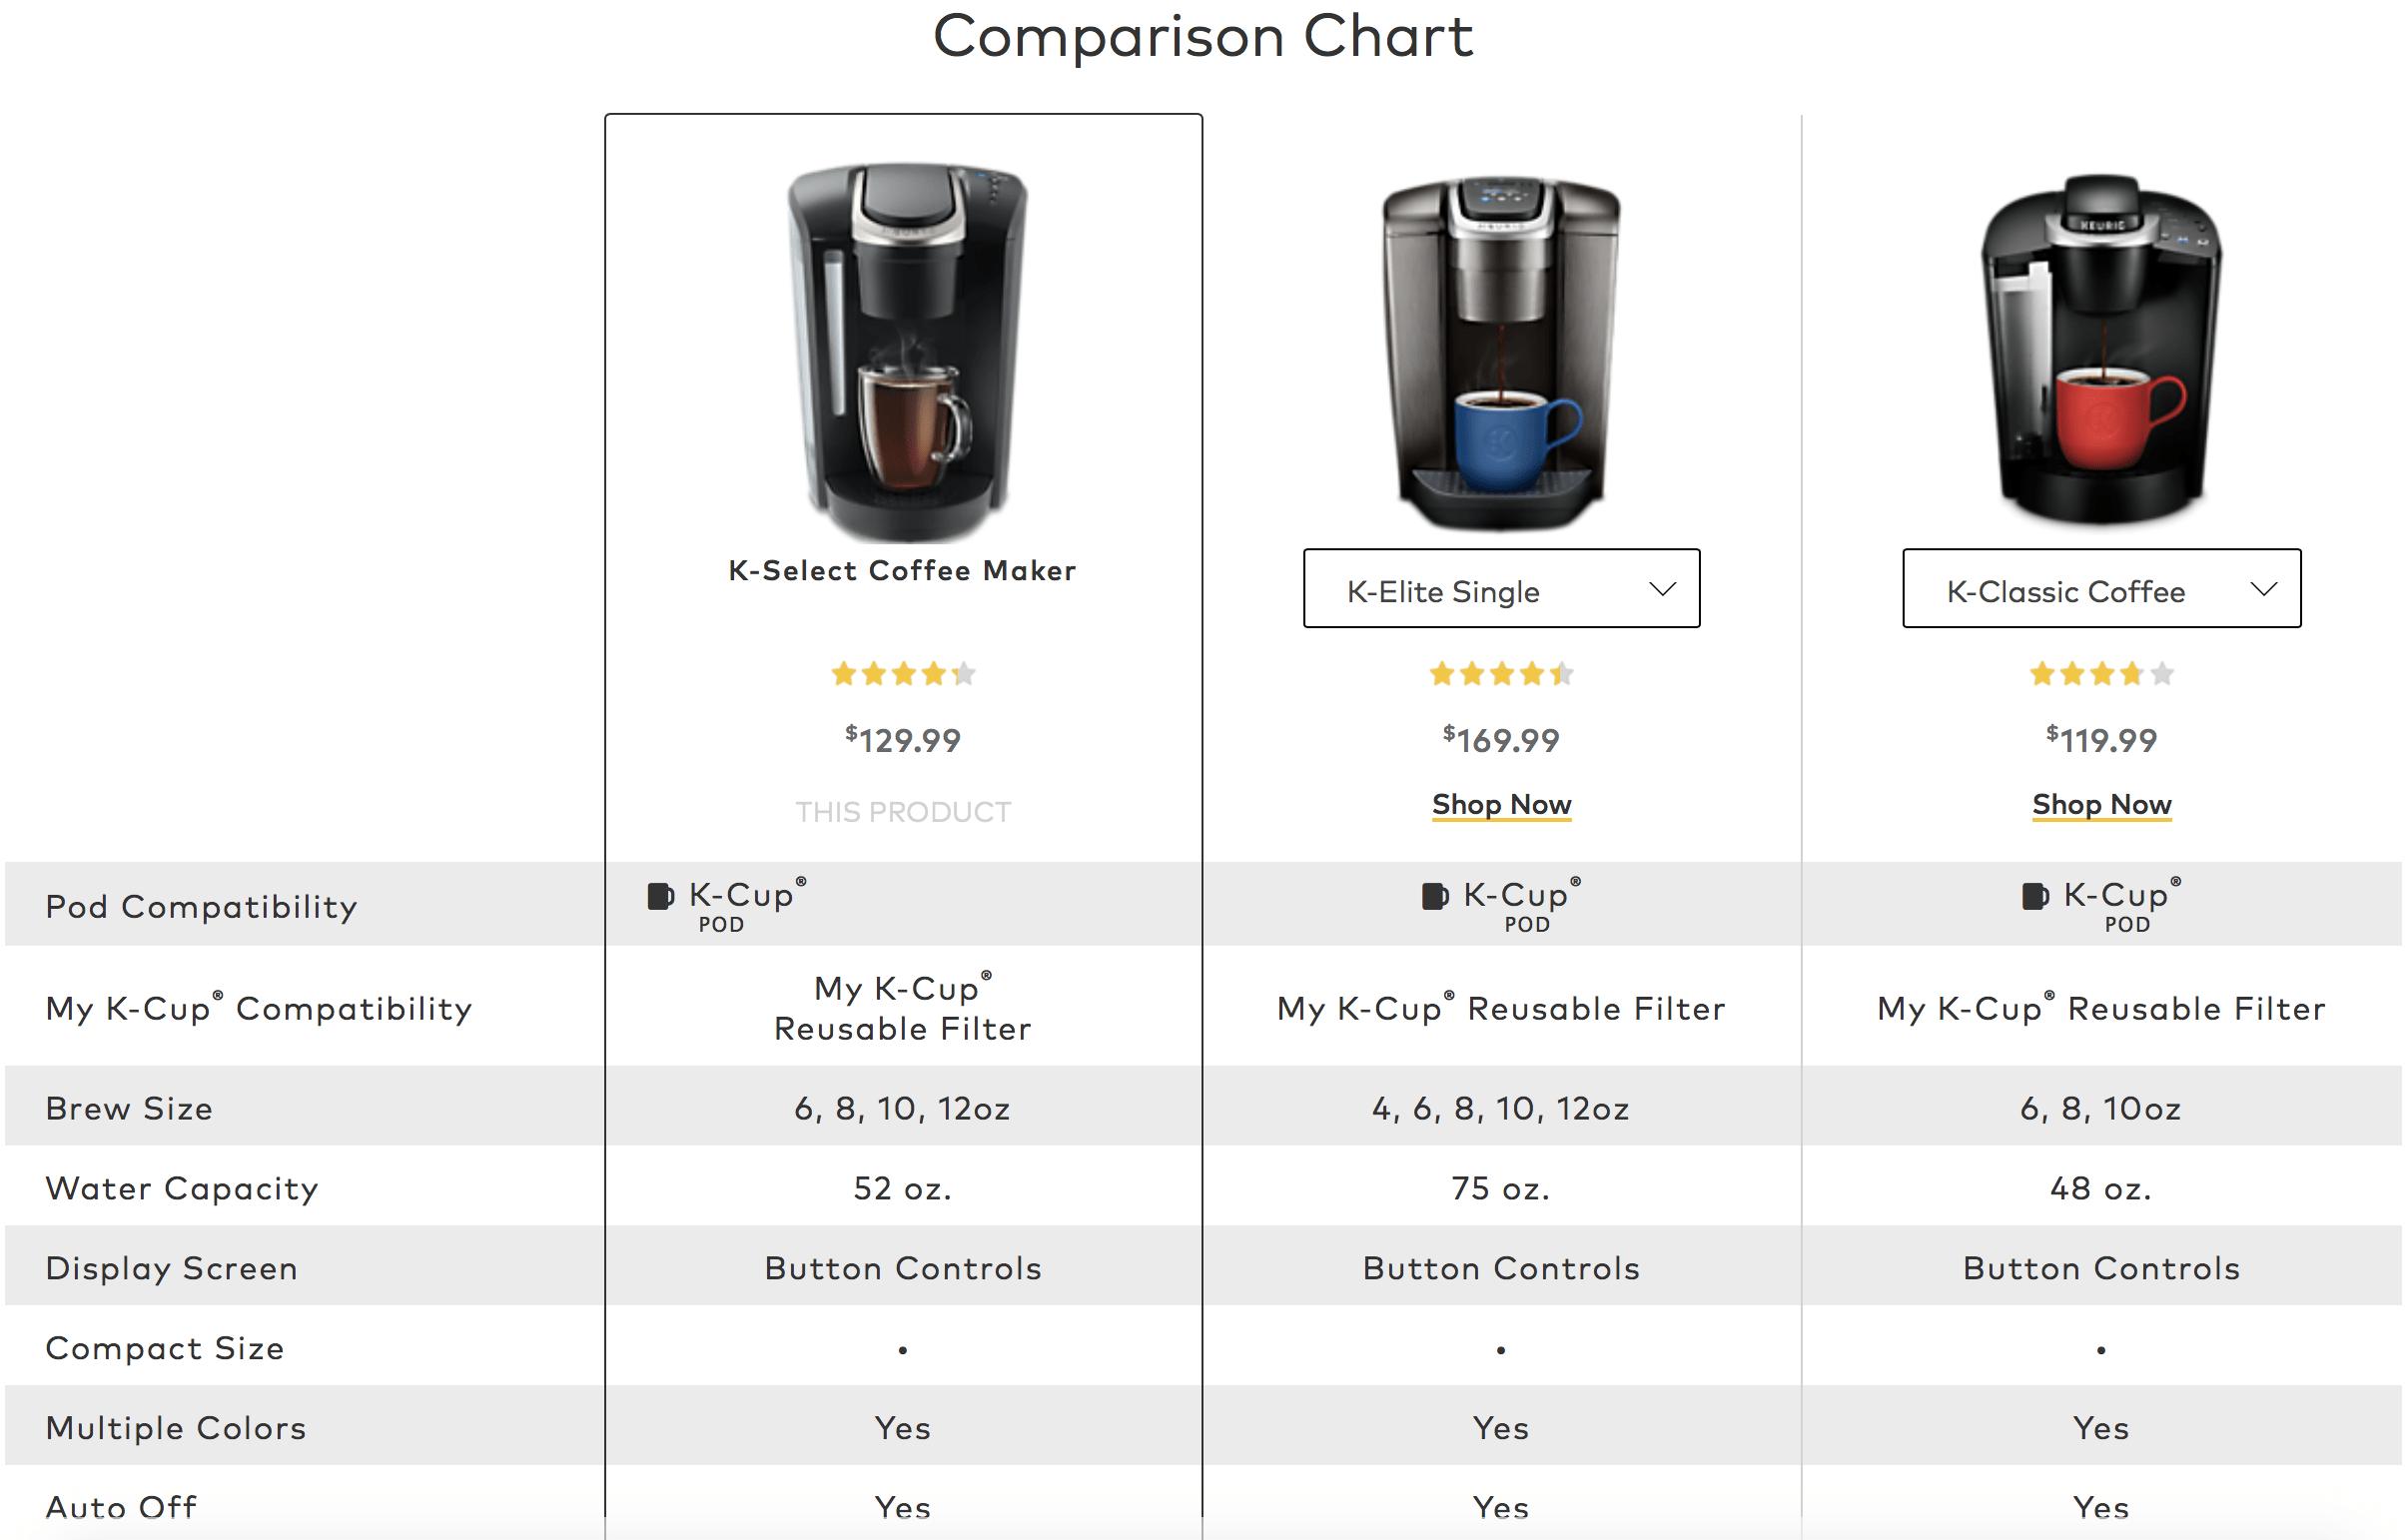 Product Comparisons